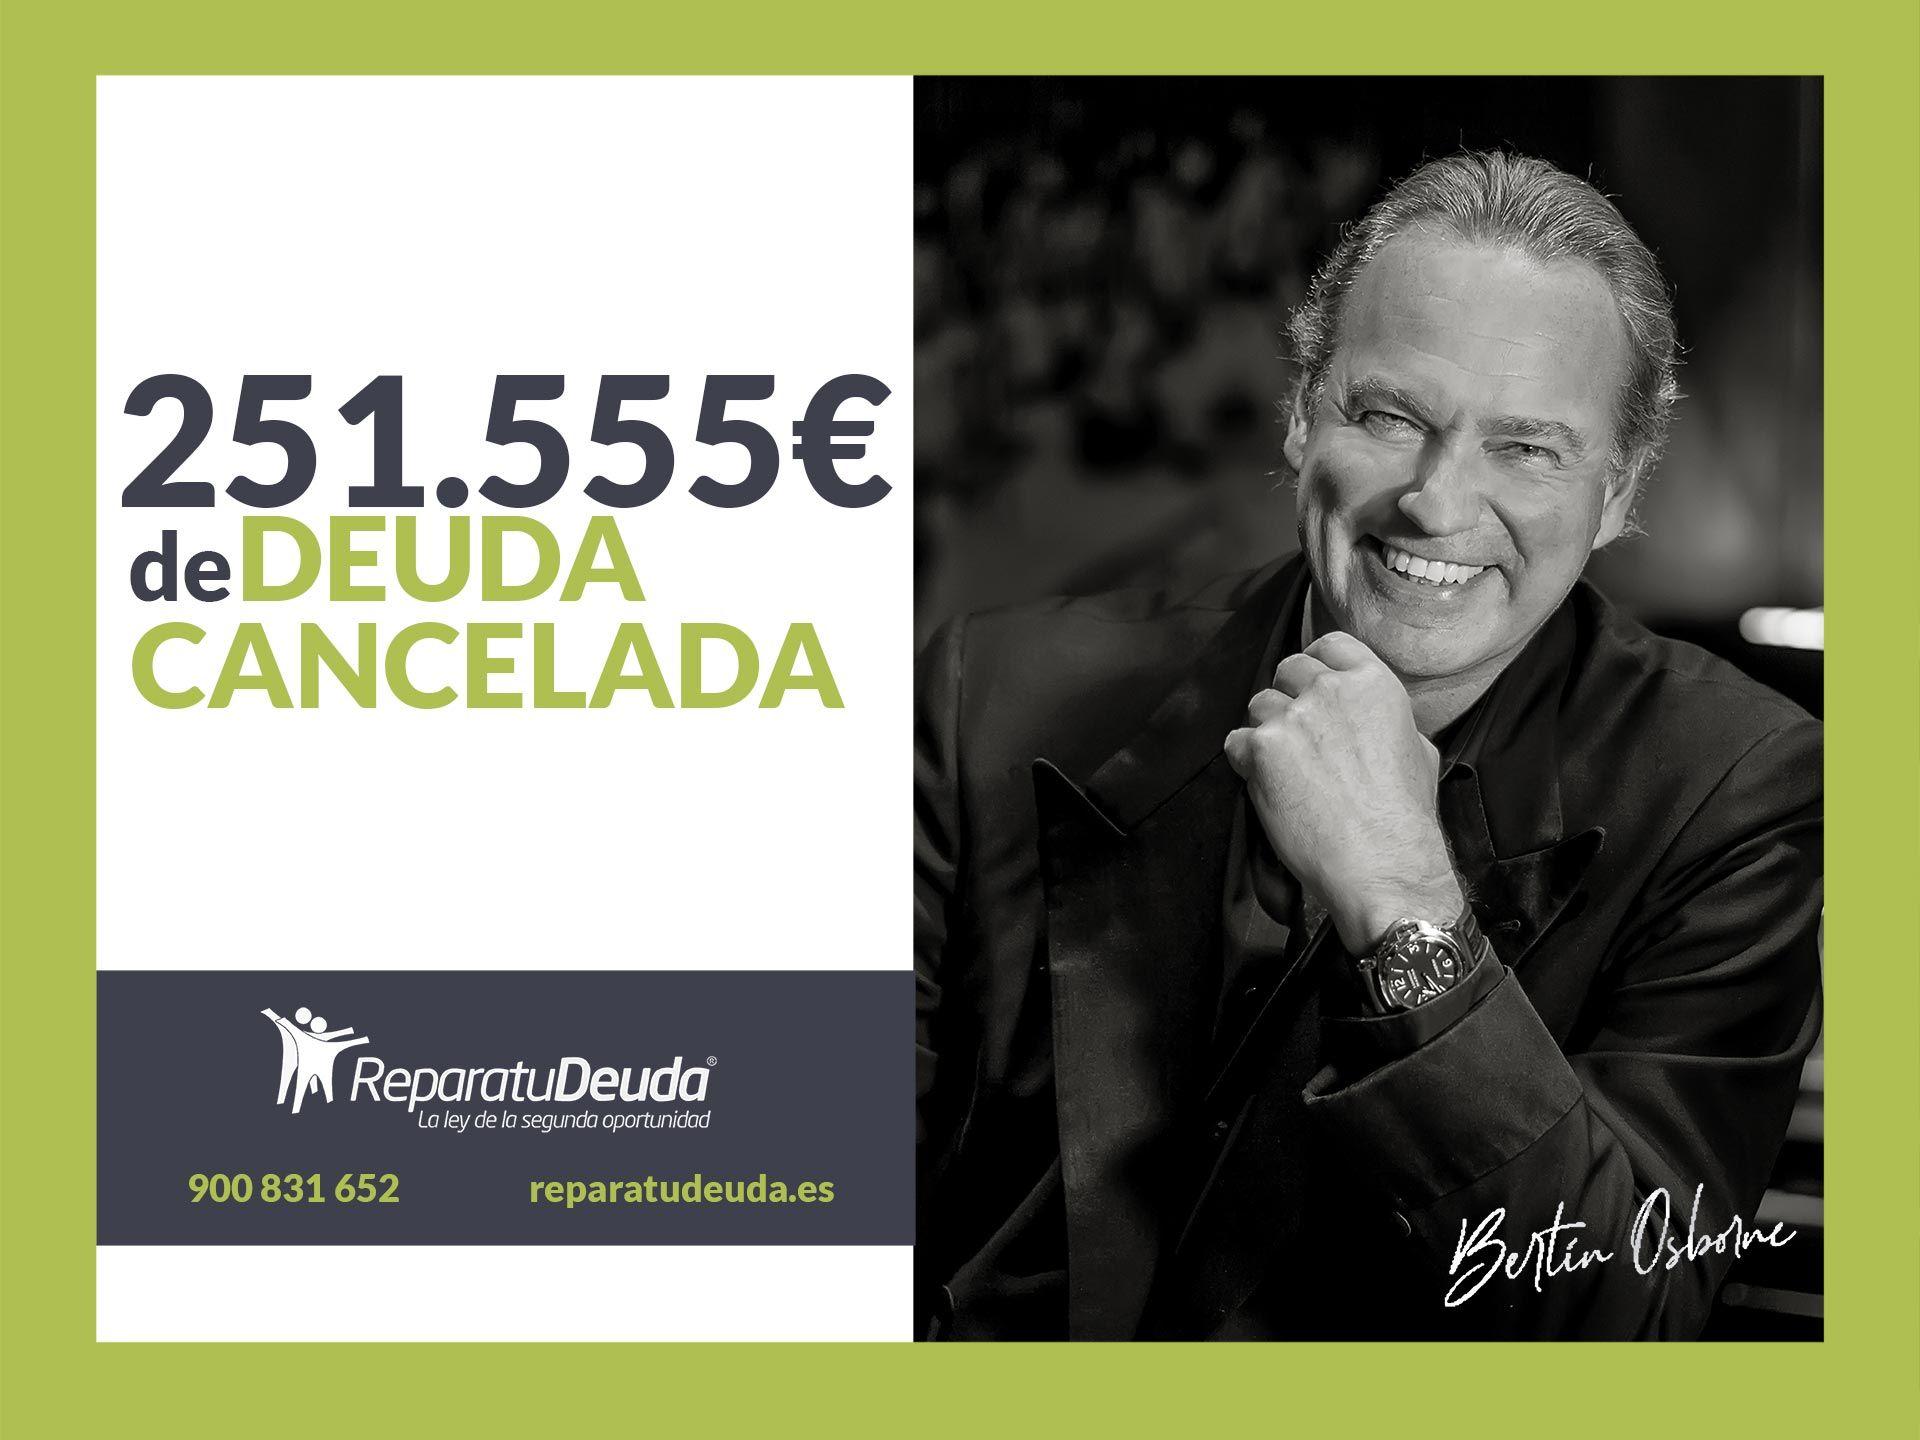 Repara tu Deuda abogados cancela 251.555 € en Valencia con la Ley de Segunda Oportunidad